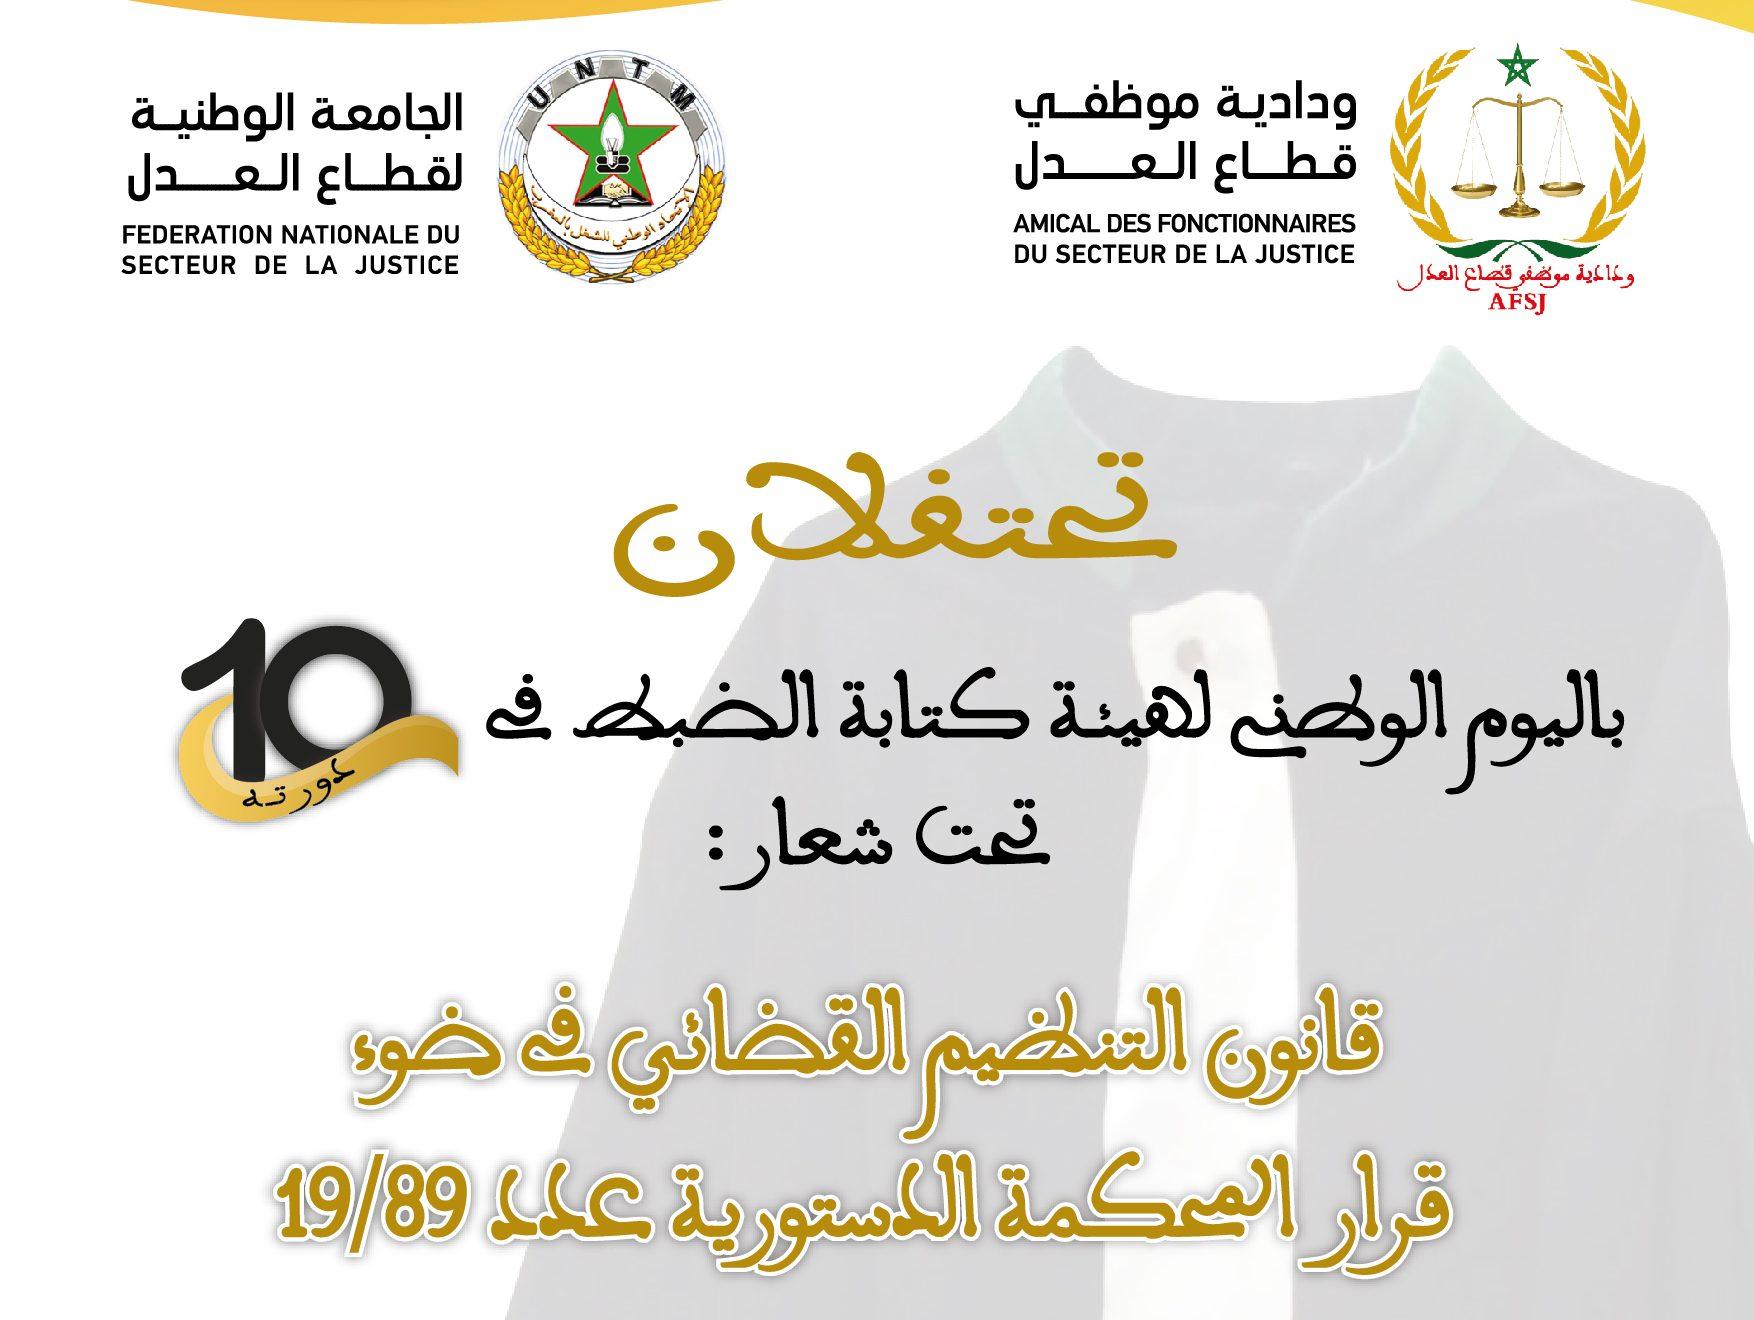 فقرات اليوم الوطني لكتابة الضبط بالقنيطرة يوم الجمعة 19 أبريل 2019